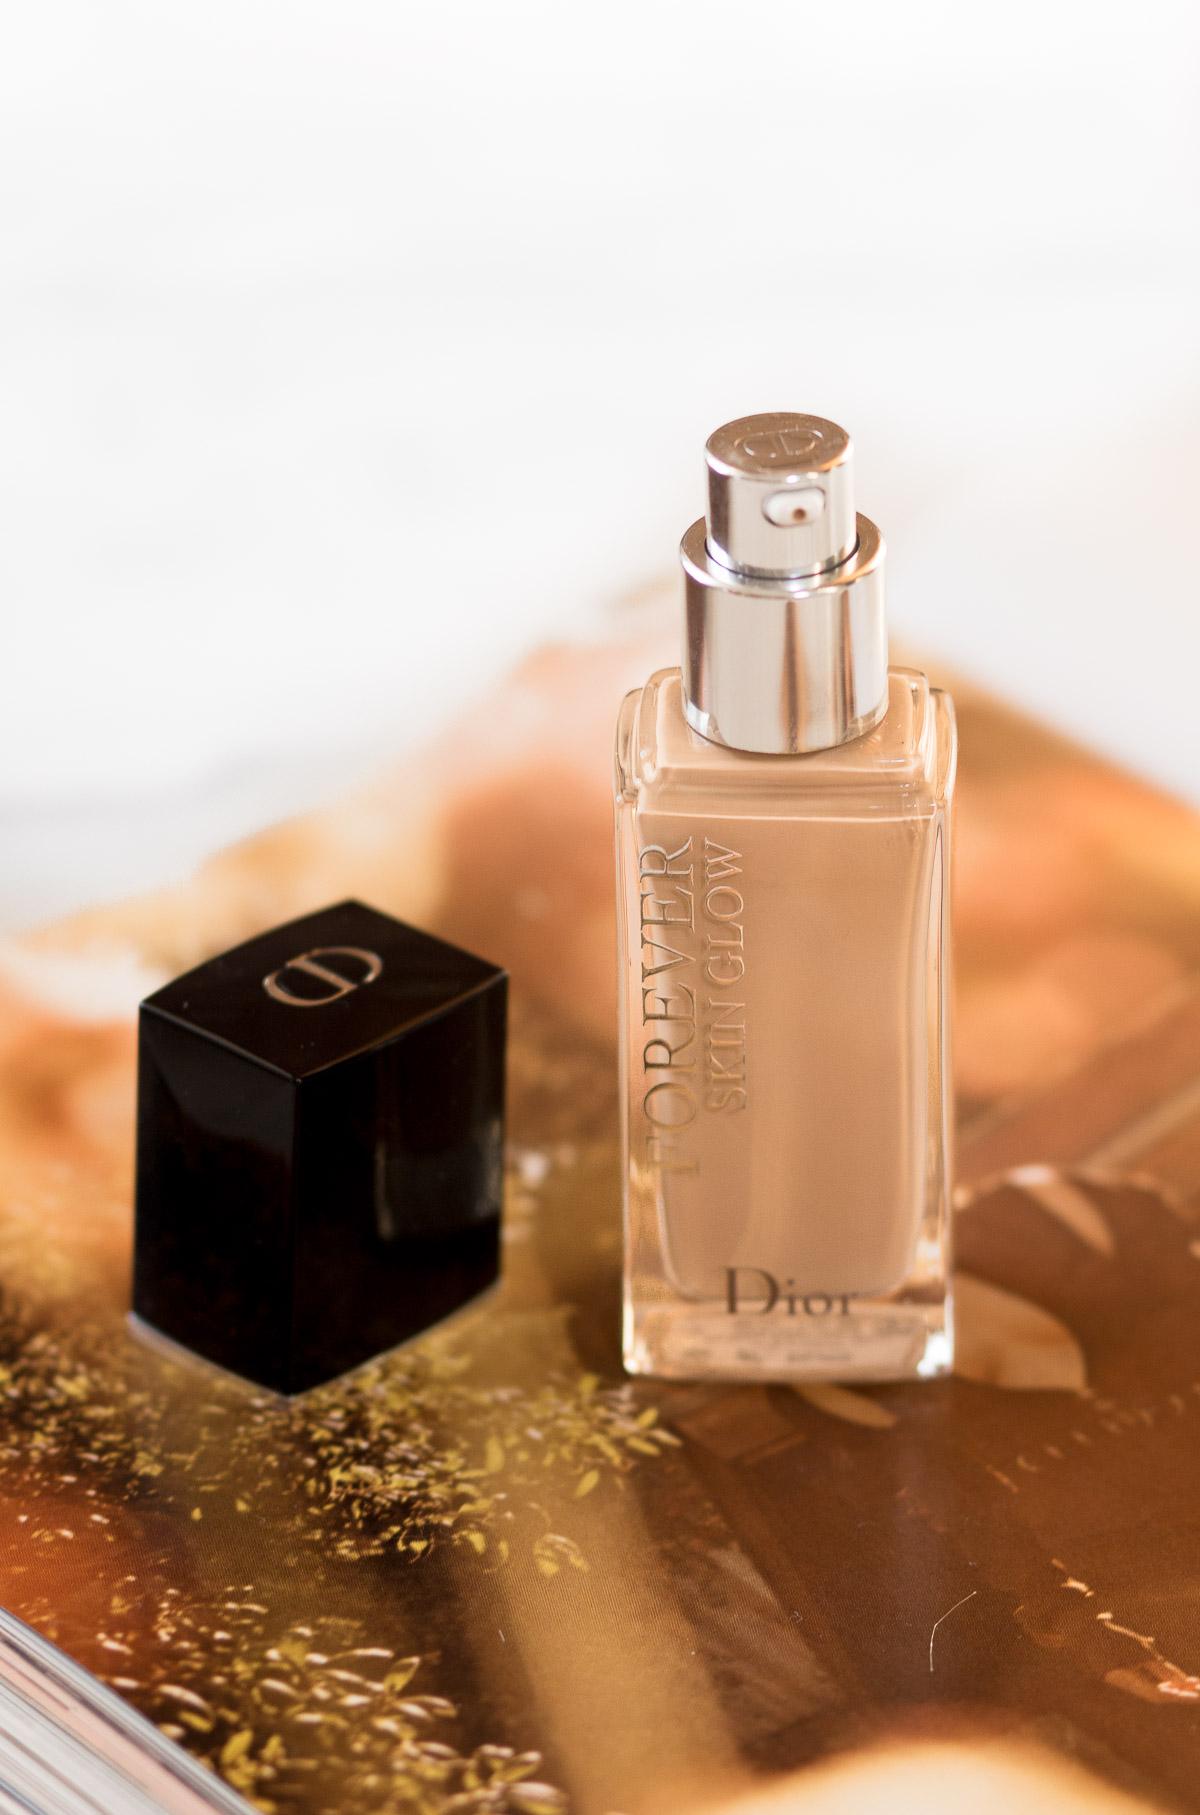 �ล�าร���หารู��า�สำหรั� Dior Diorskin Forever Foundation Skin Glow